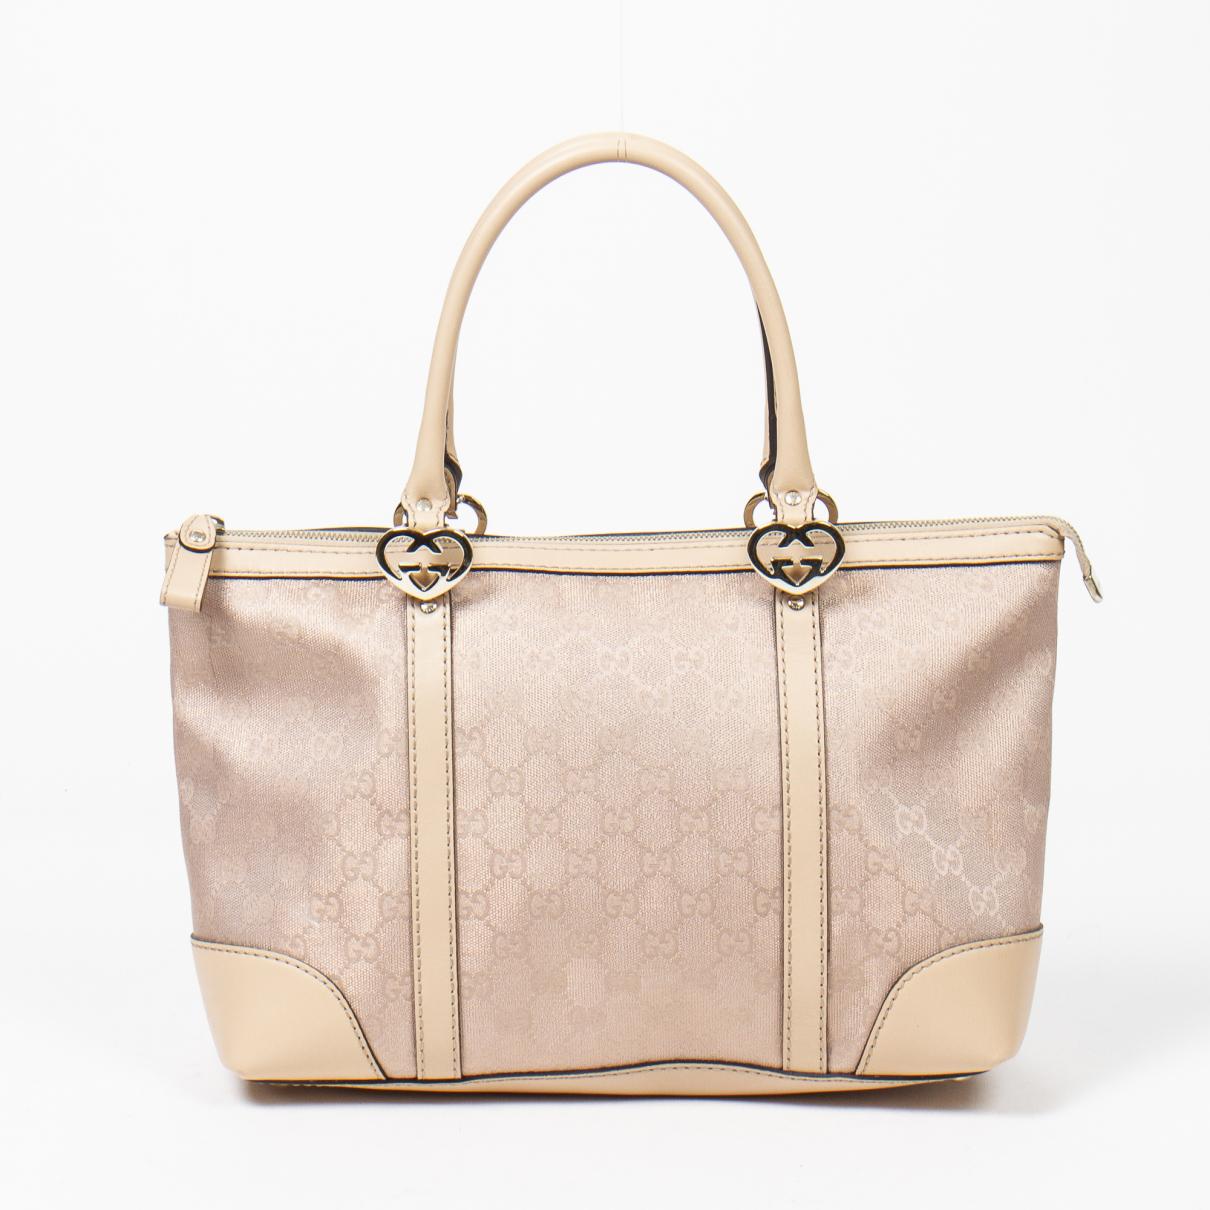 Gucci Interlocking Handtasche in Baumwolle